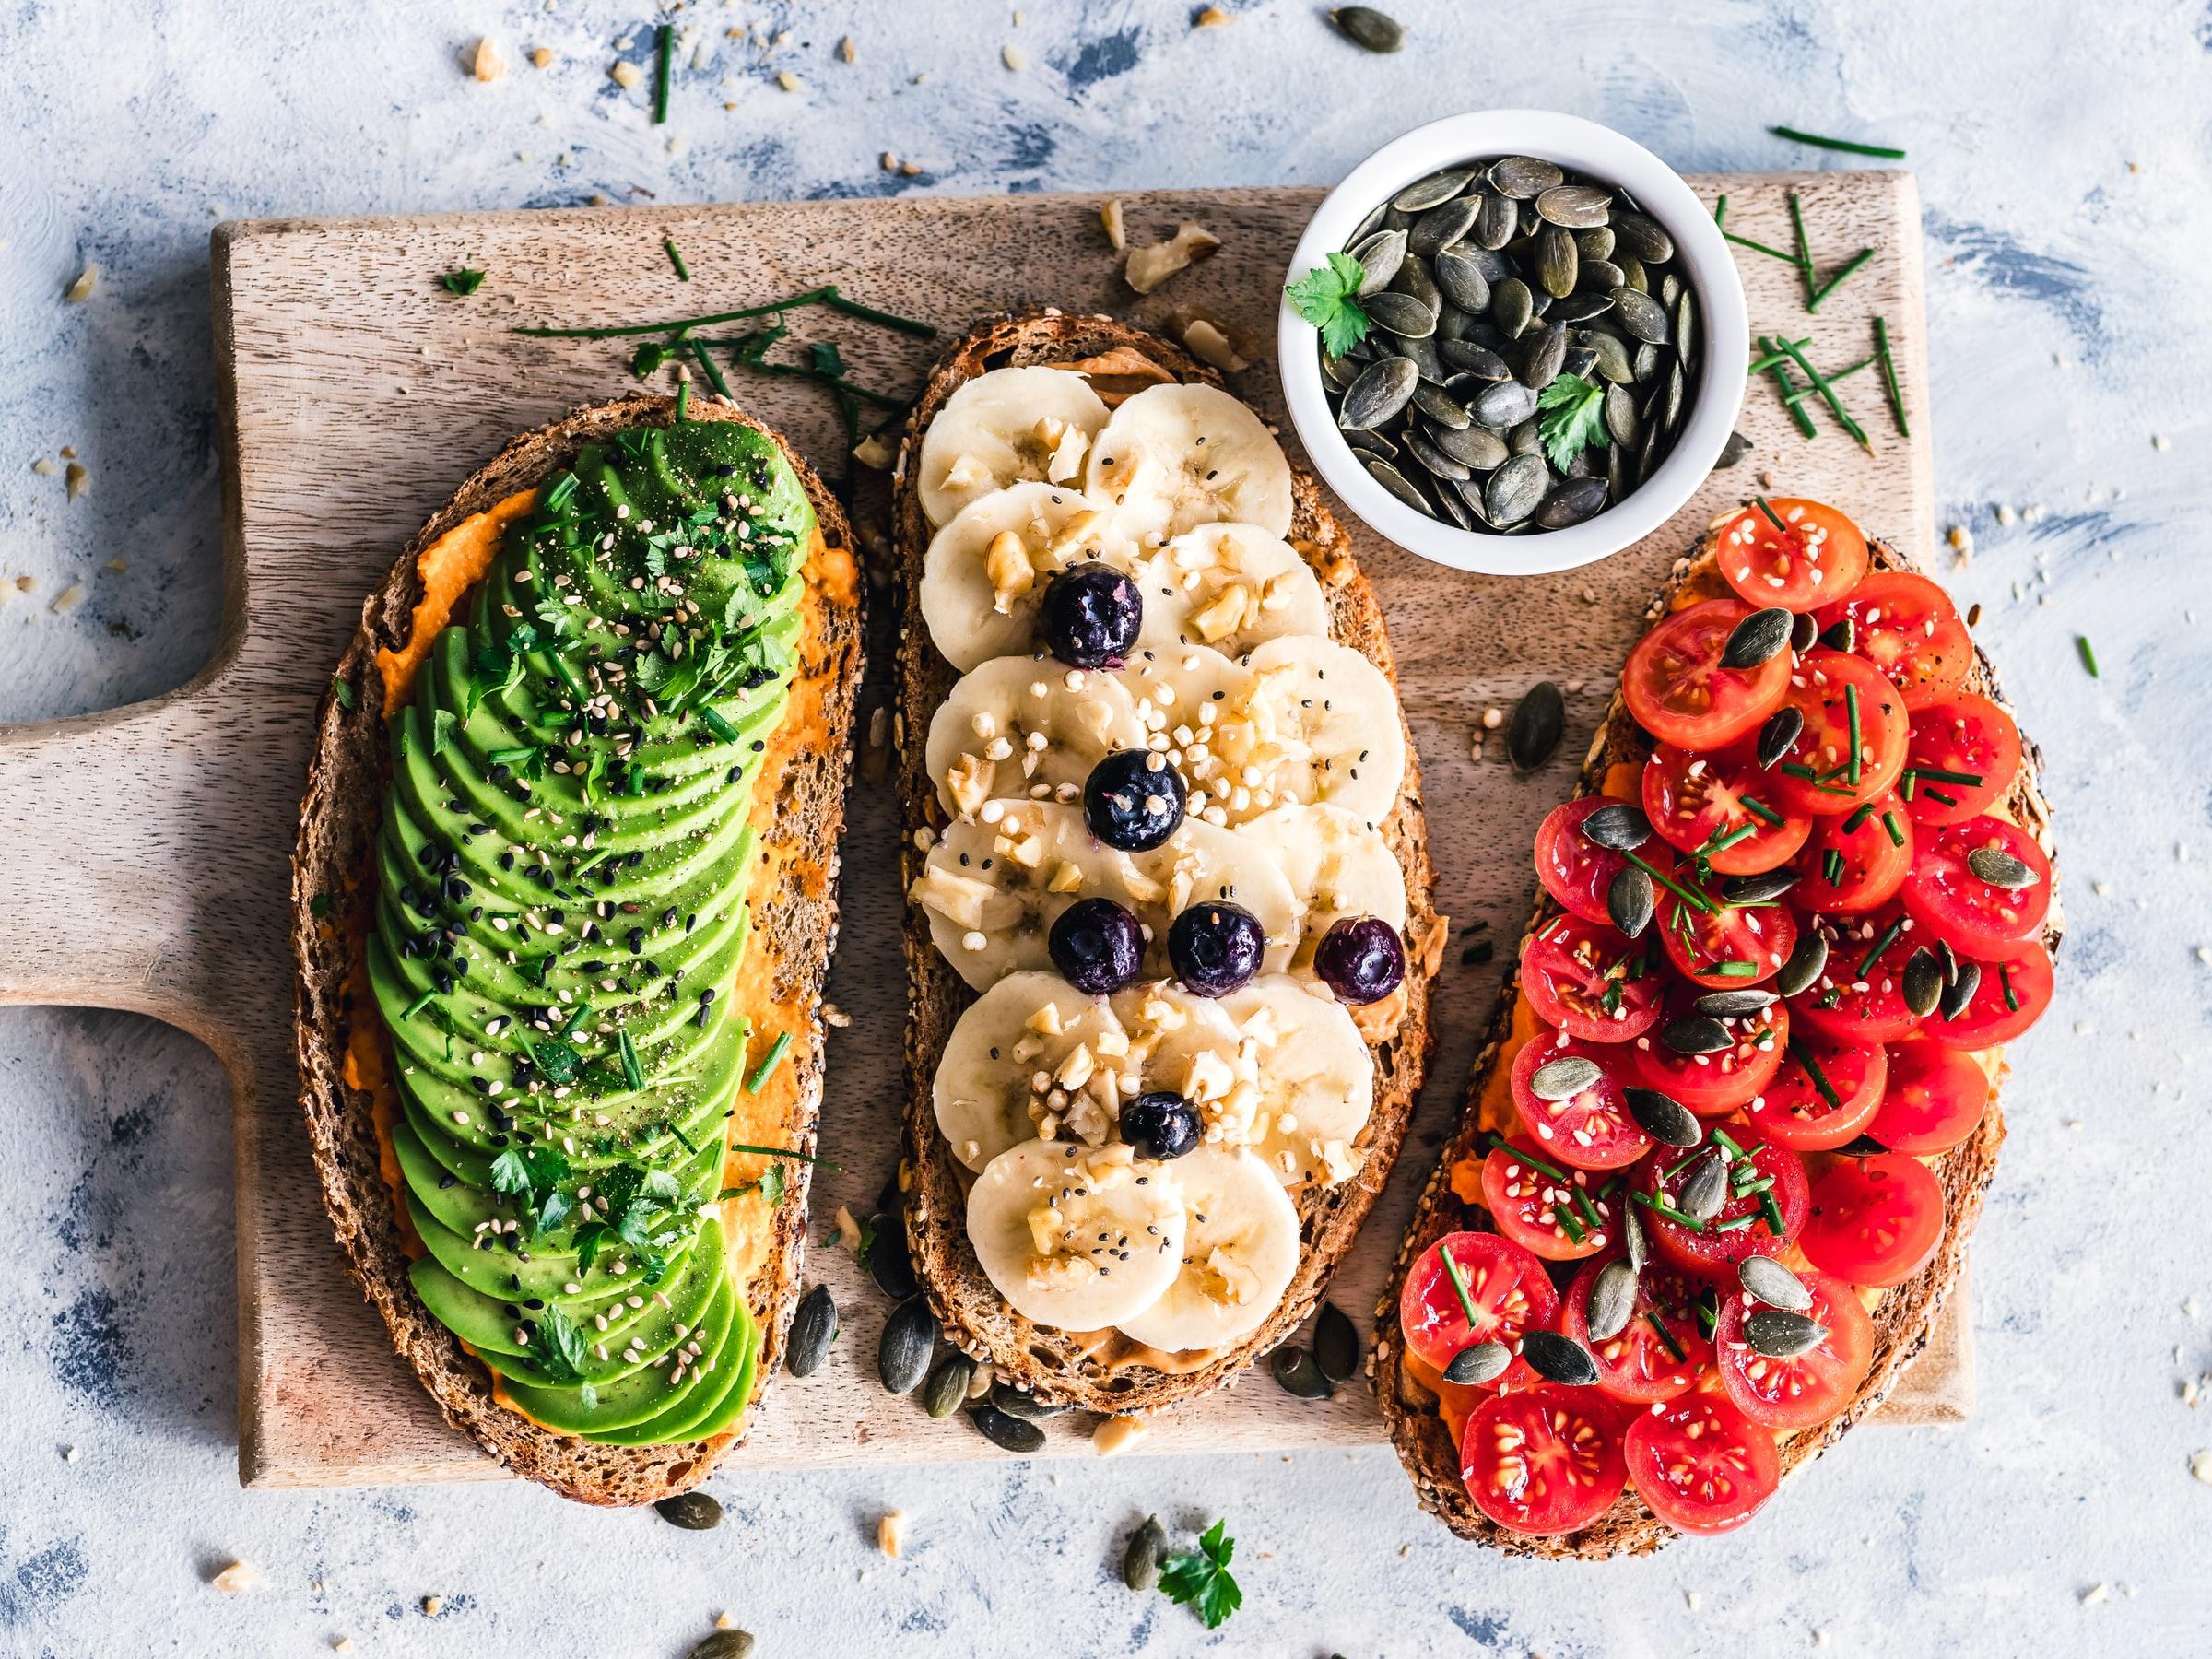 vegan platter